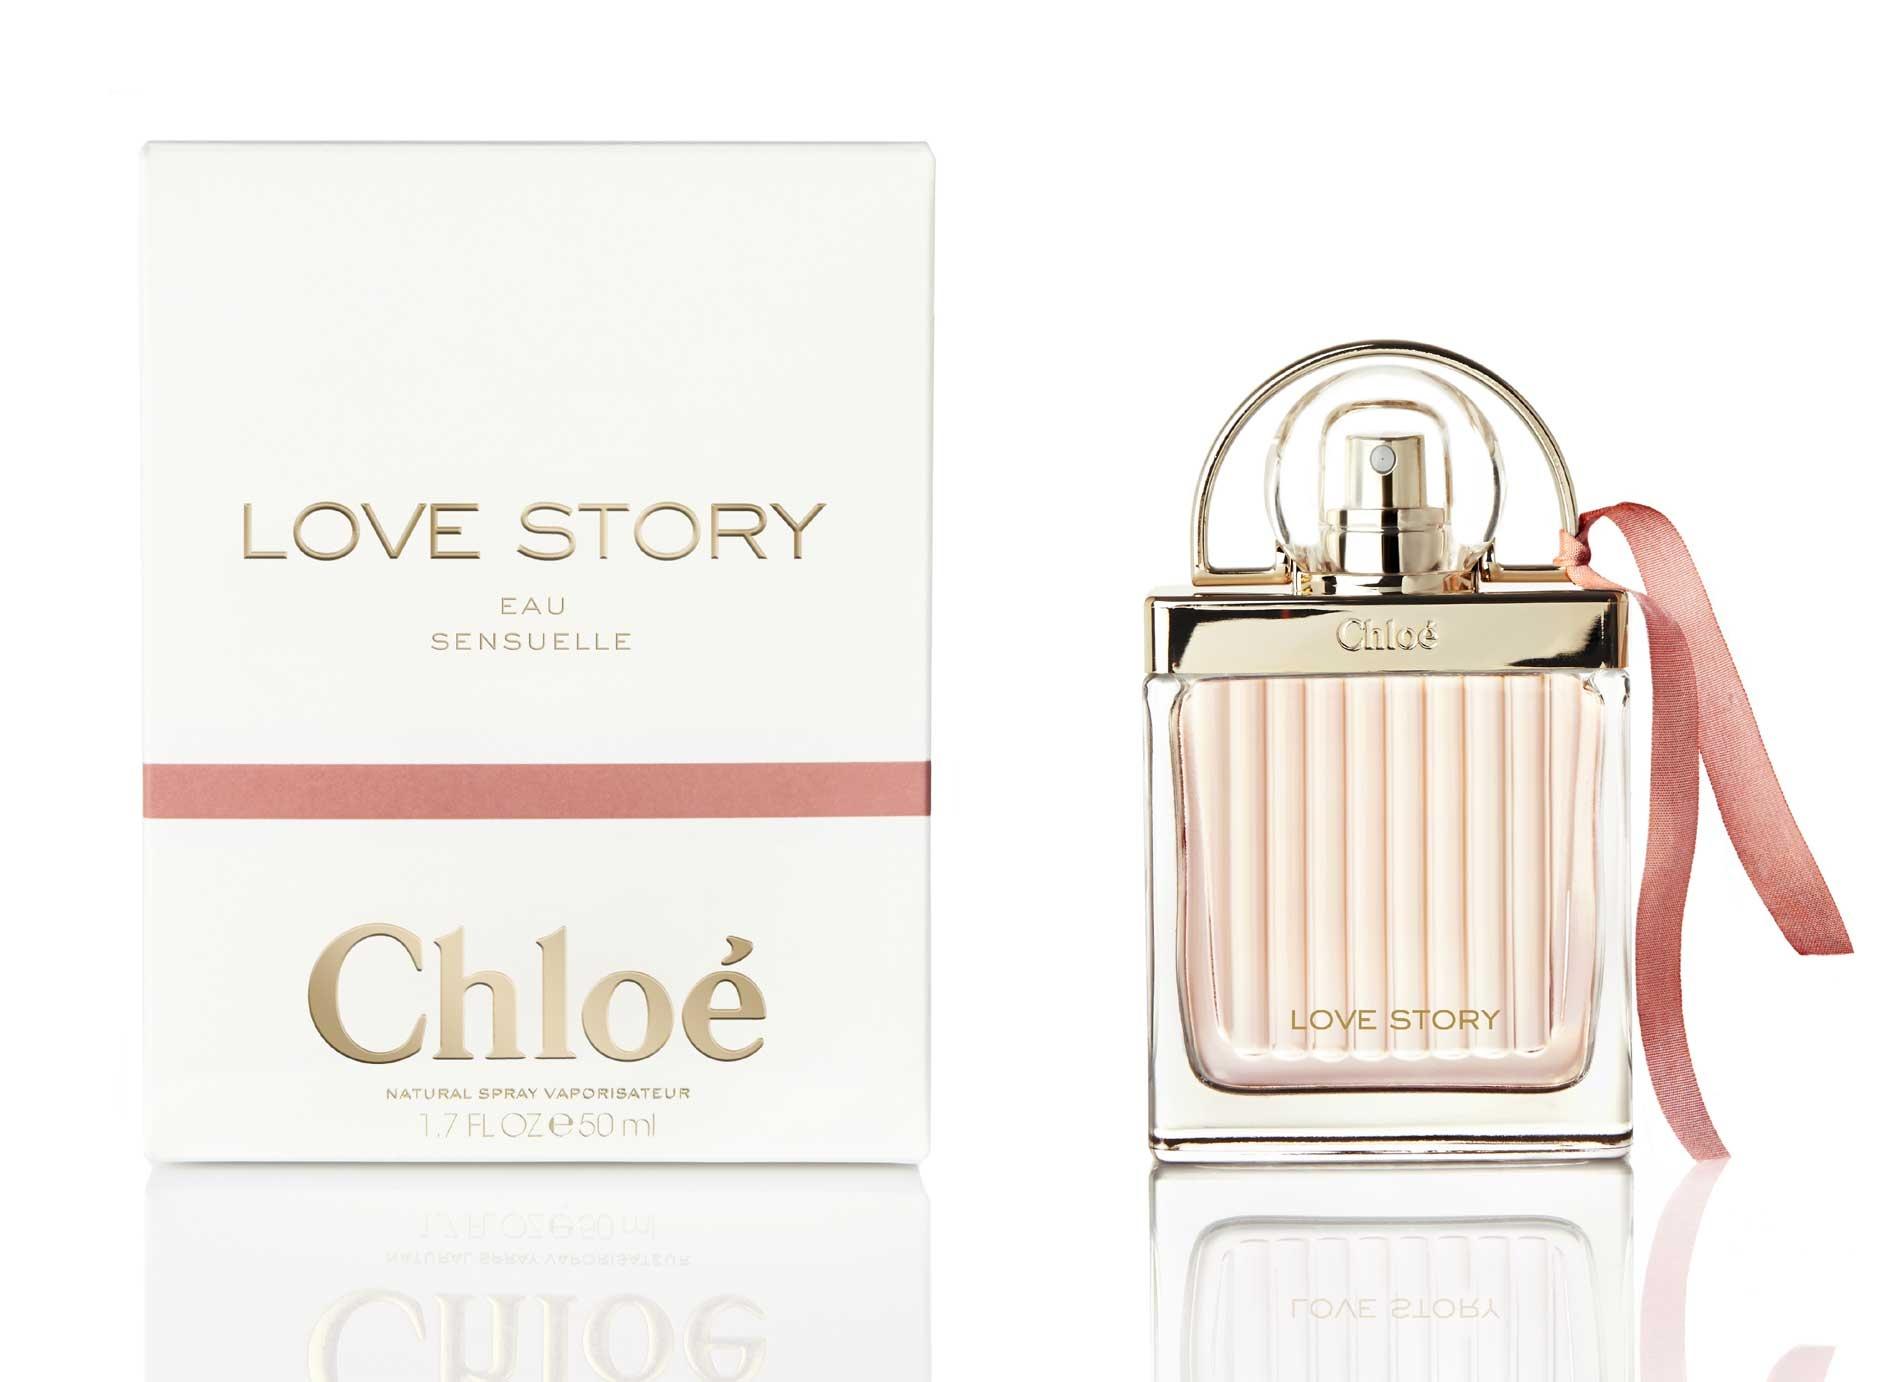 Chloé Love story Eau Sensuelle parfémovaná voda pro ženy 50 ml + výdejní místa po celé ČR